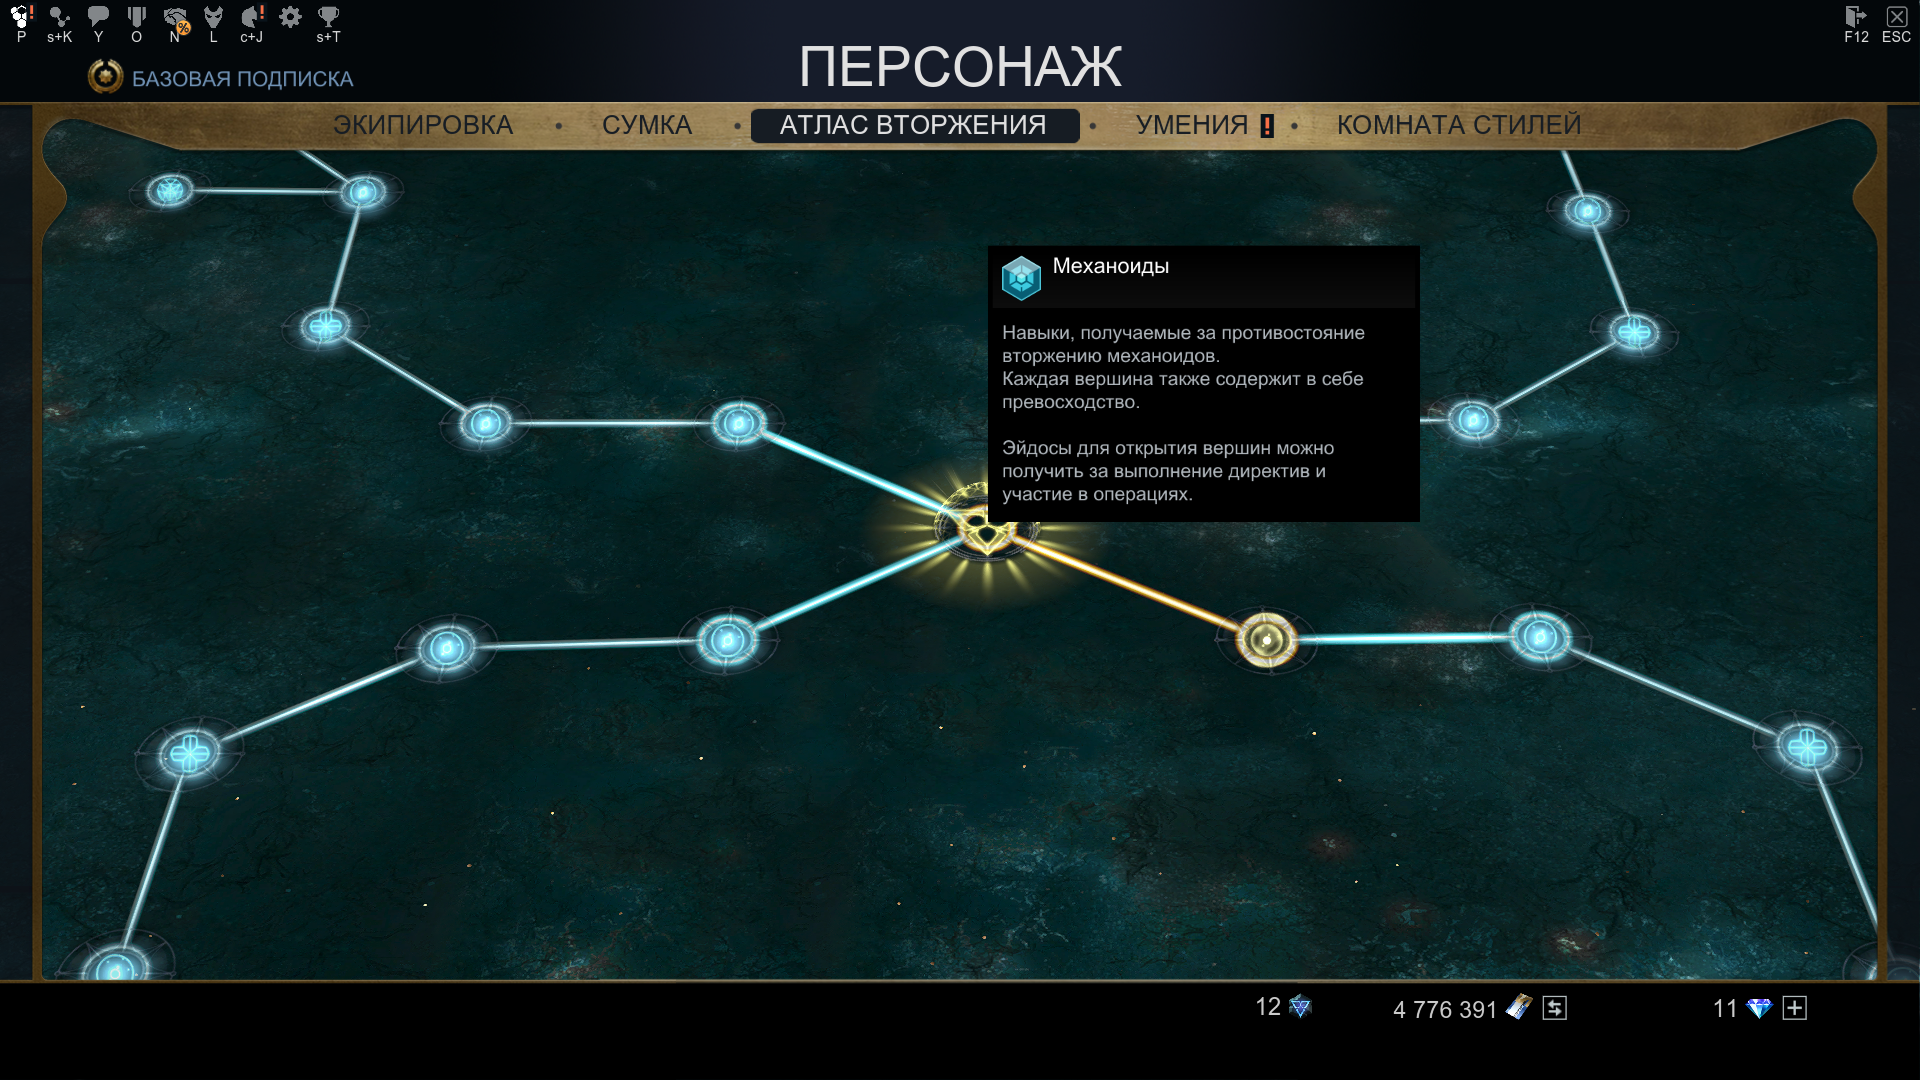 Скриншот атласа вторжения.png